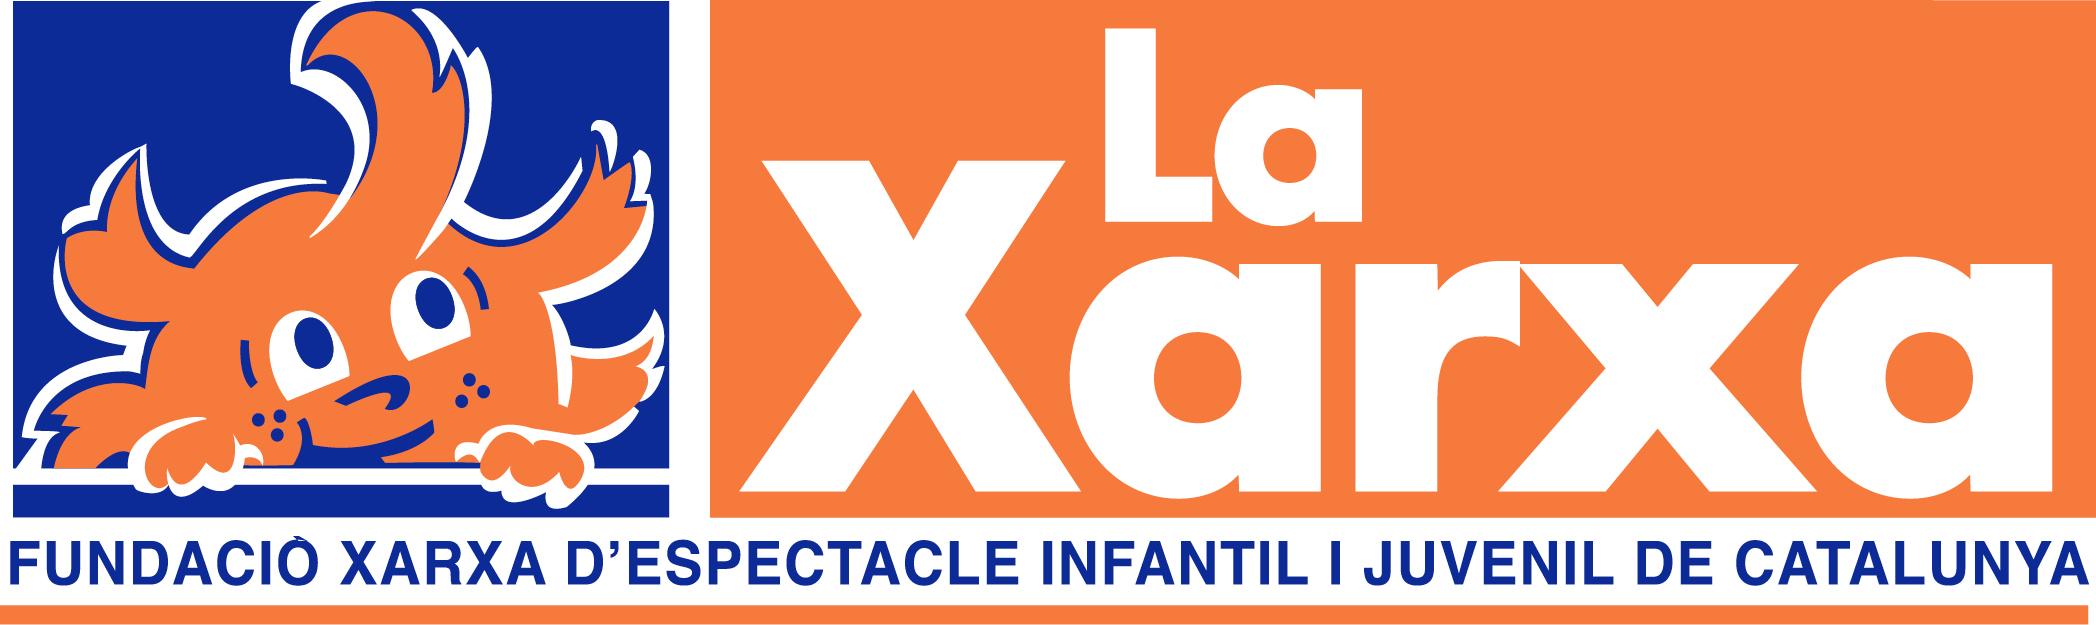 LOGOS_XARXA_LLARG_01_COLOR